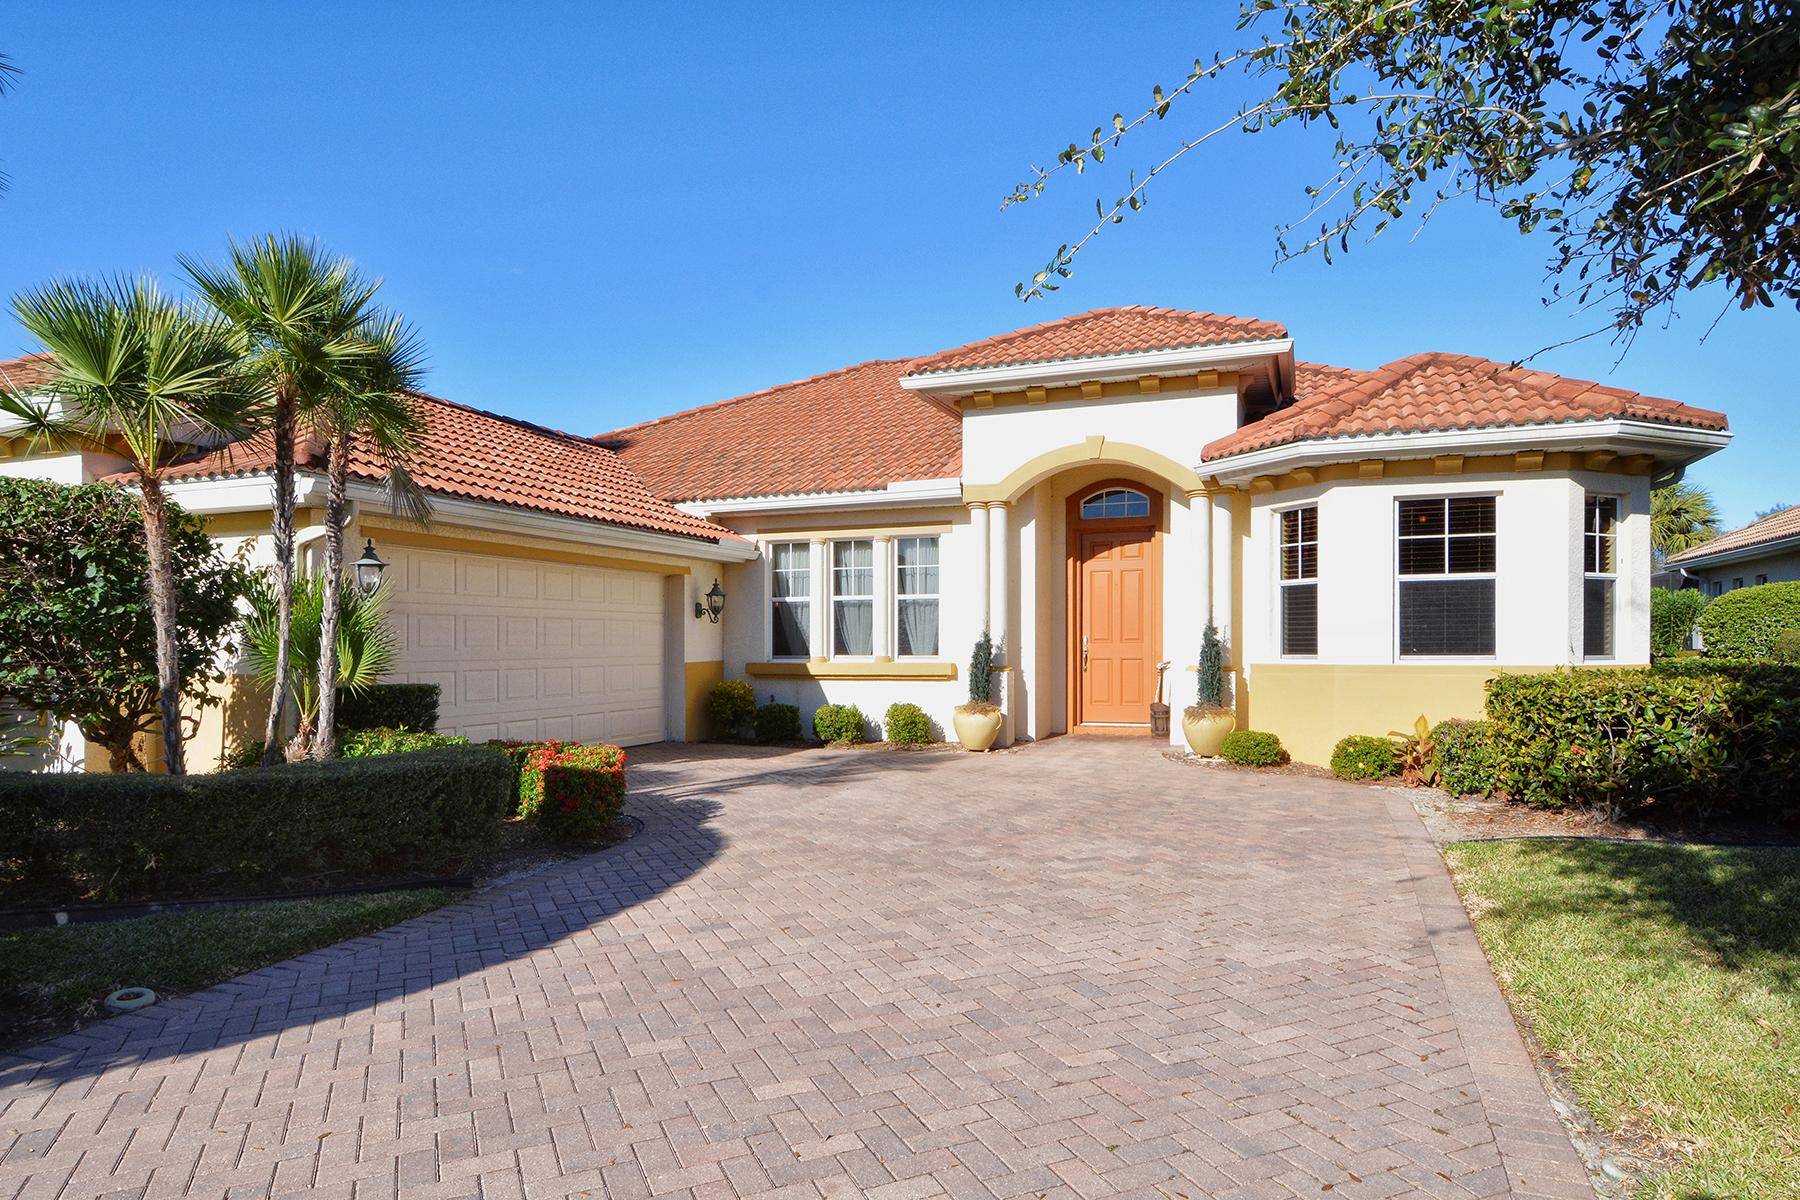 Nhà ở một gia đình vì Bán tại VENETIAN GOLF & RIVER CLUB 105 Caneletto Way North Venice, Florida, 34275 Hoa Kỳ